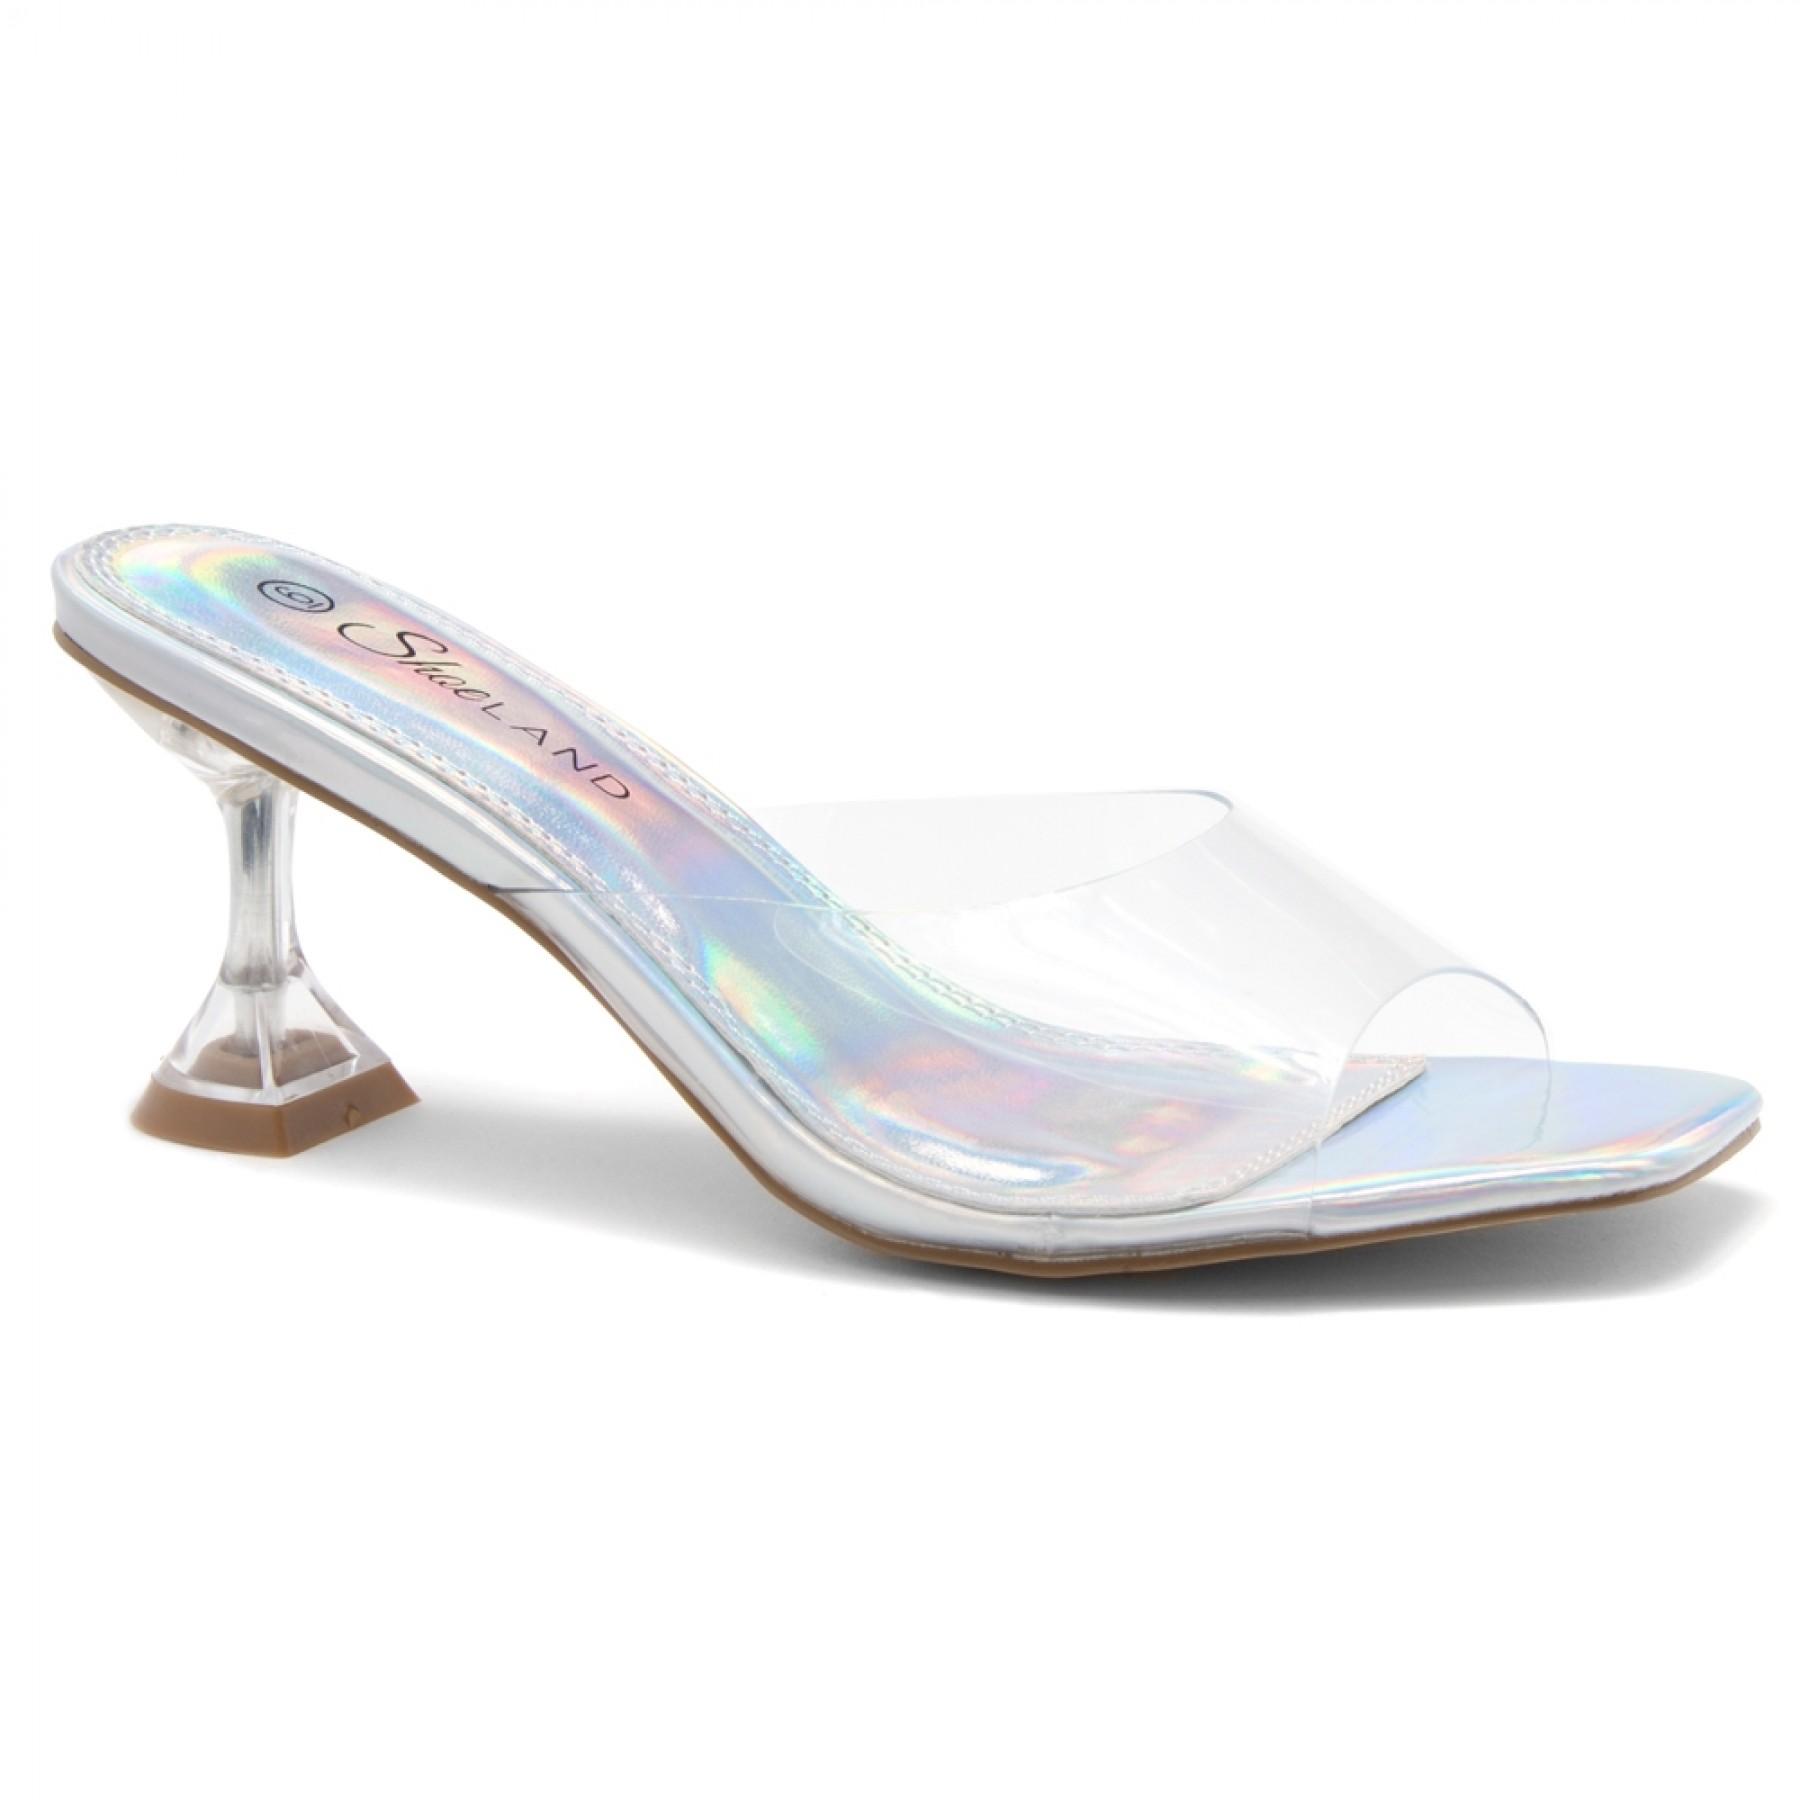 Shoe Land CELEBRATE Women's Clear Peep Toe Slip-on Block Heels Sandals(ClearSilver)